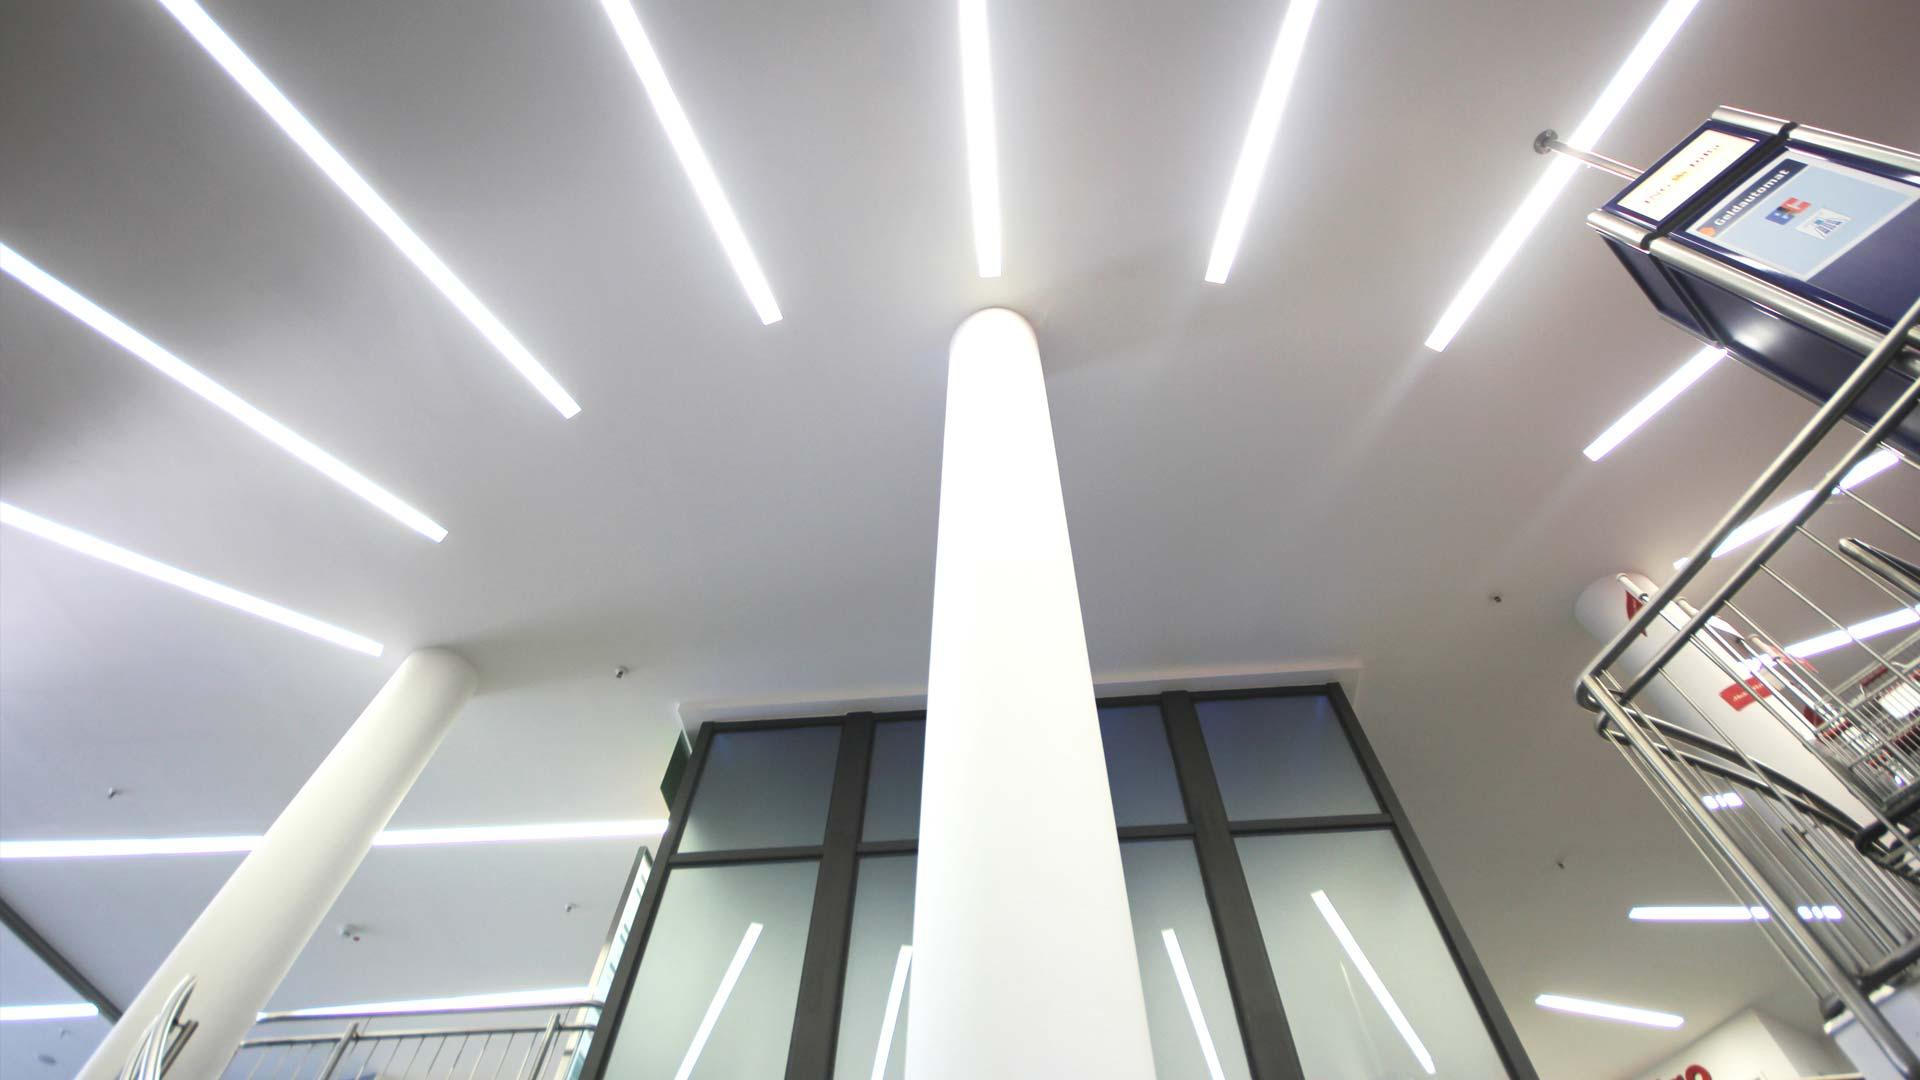 MAASS-Lichtplanung_Lichtplanung für das Erlenring Center in Marburg__MAASS-EC-Marburg-004